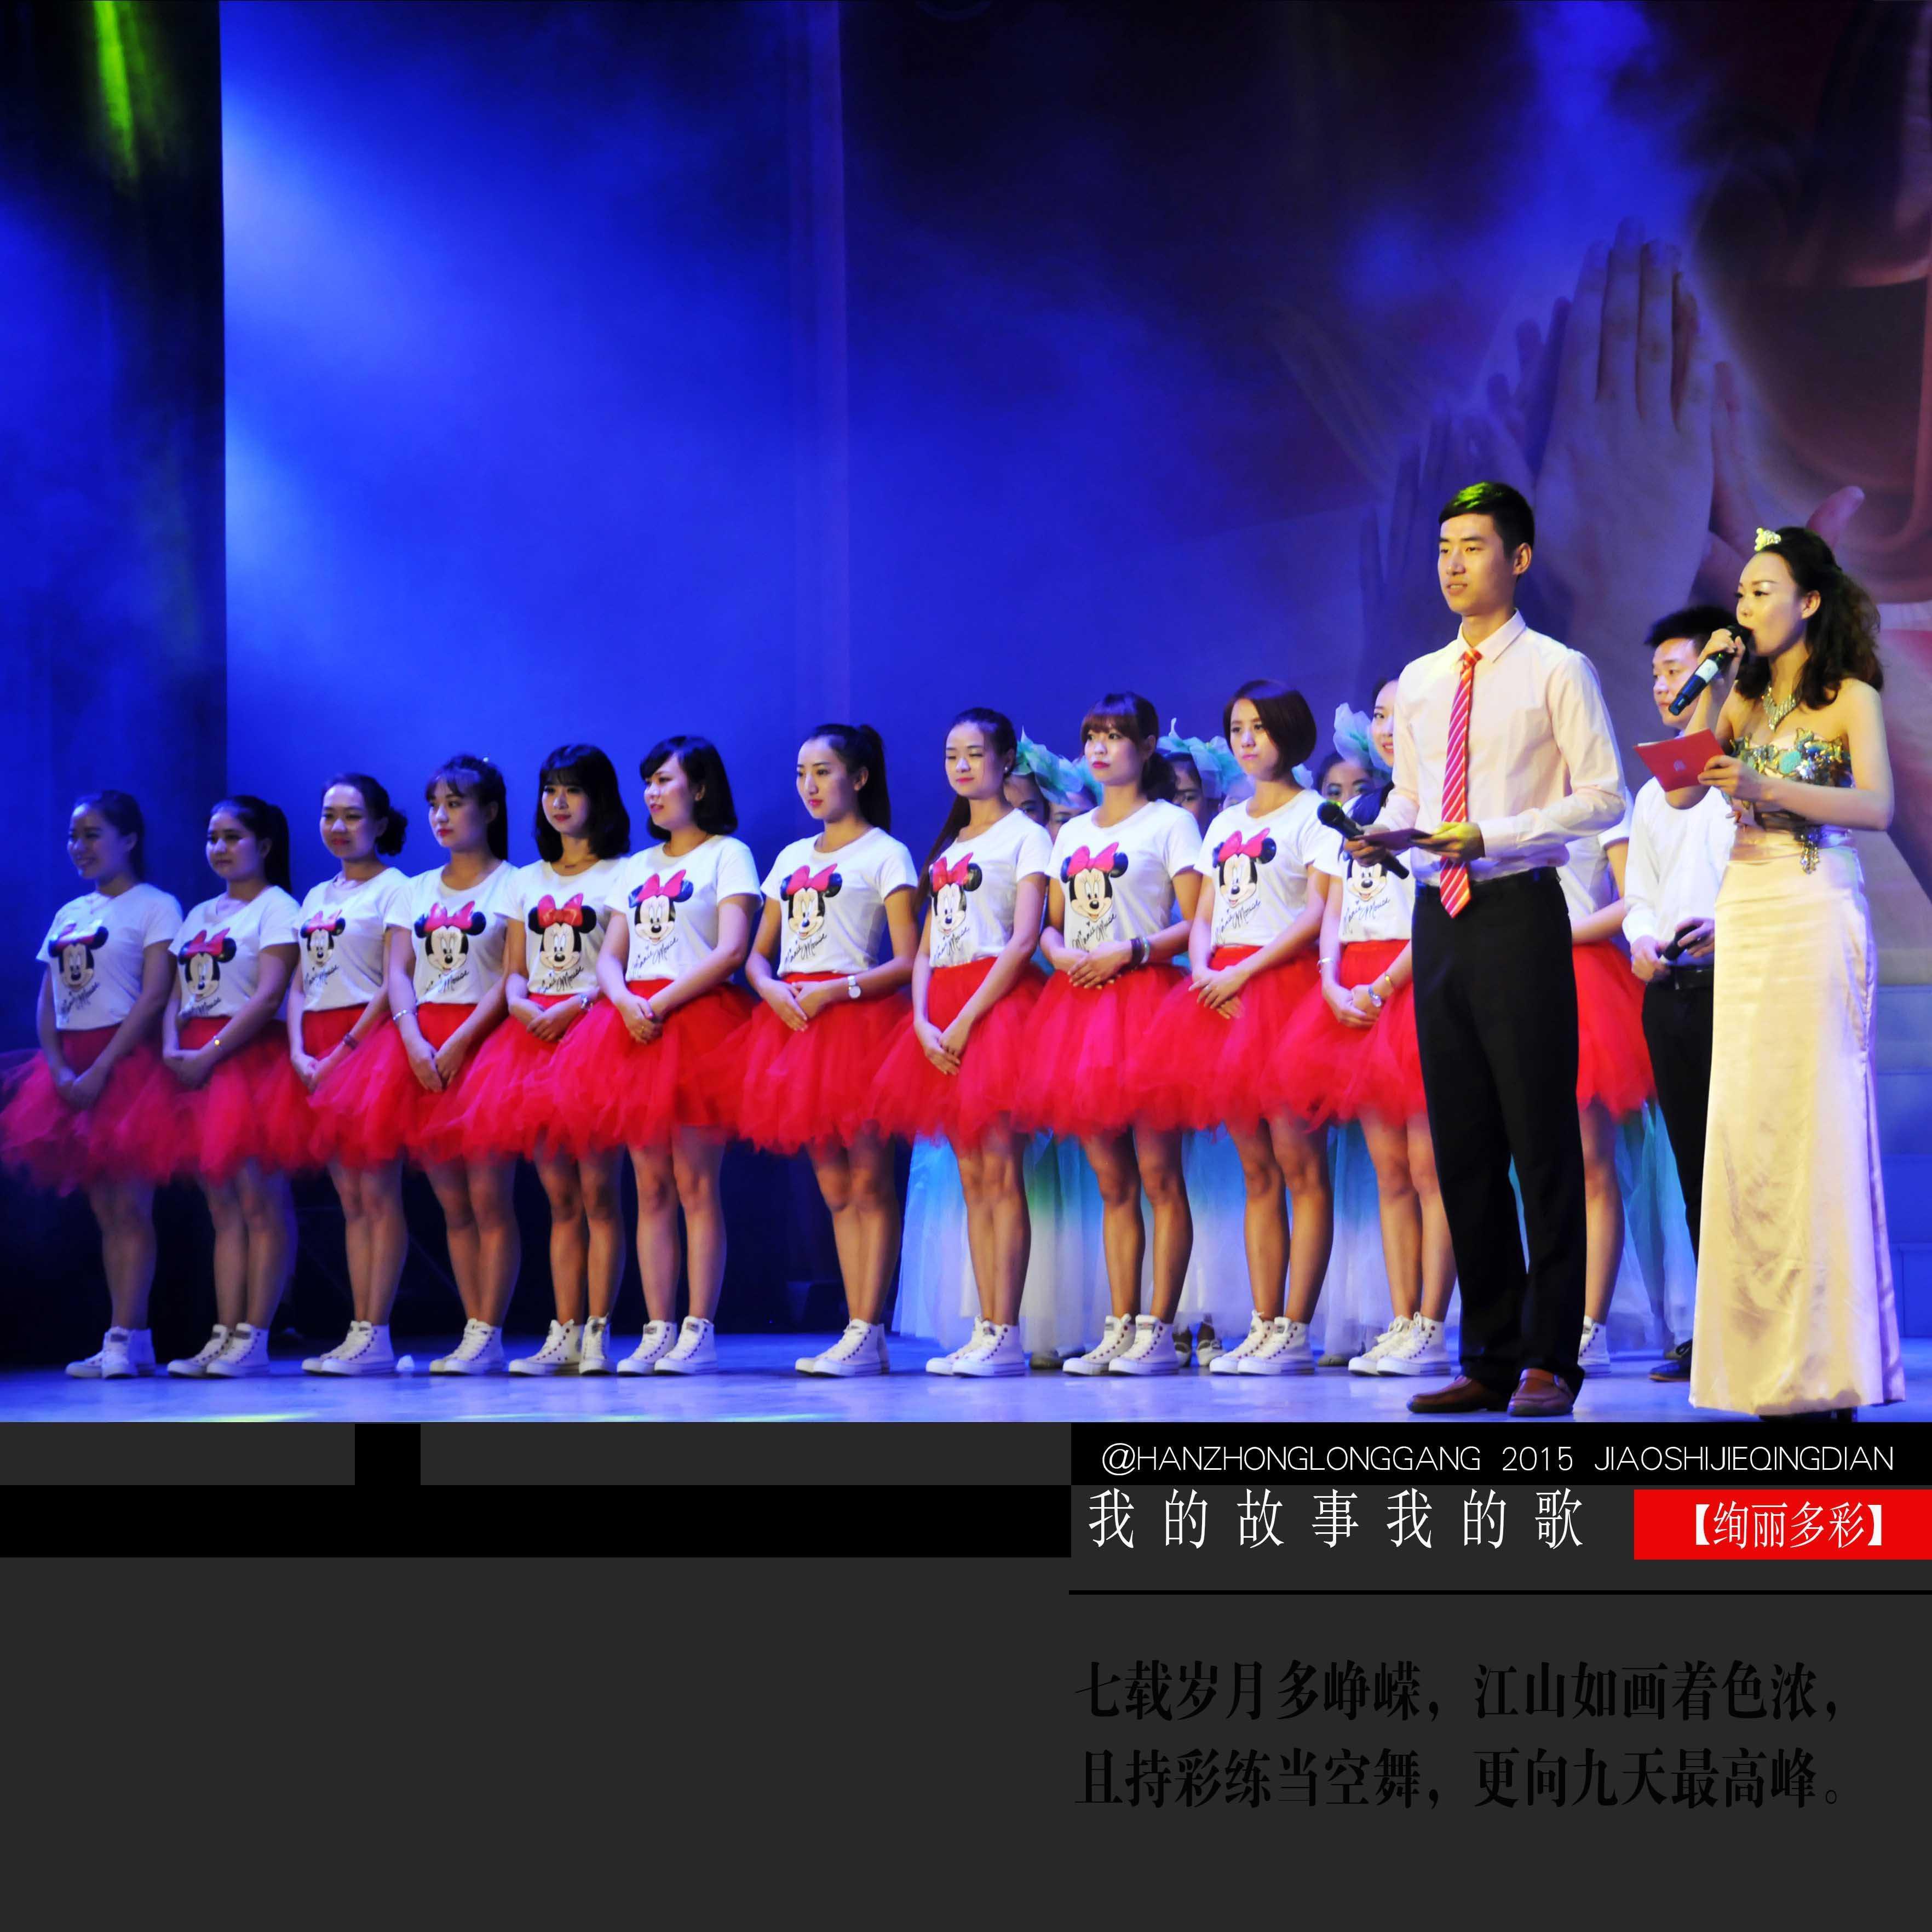 庆祝第31个教师节活动